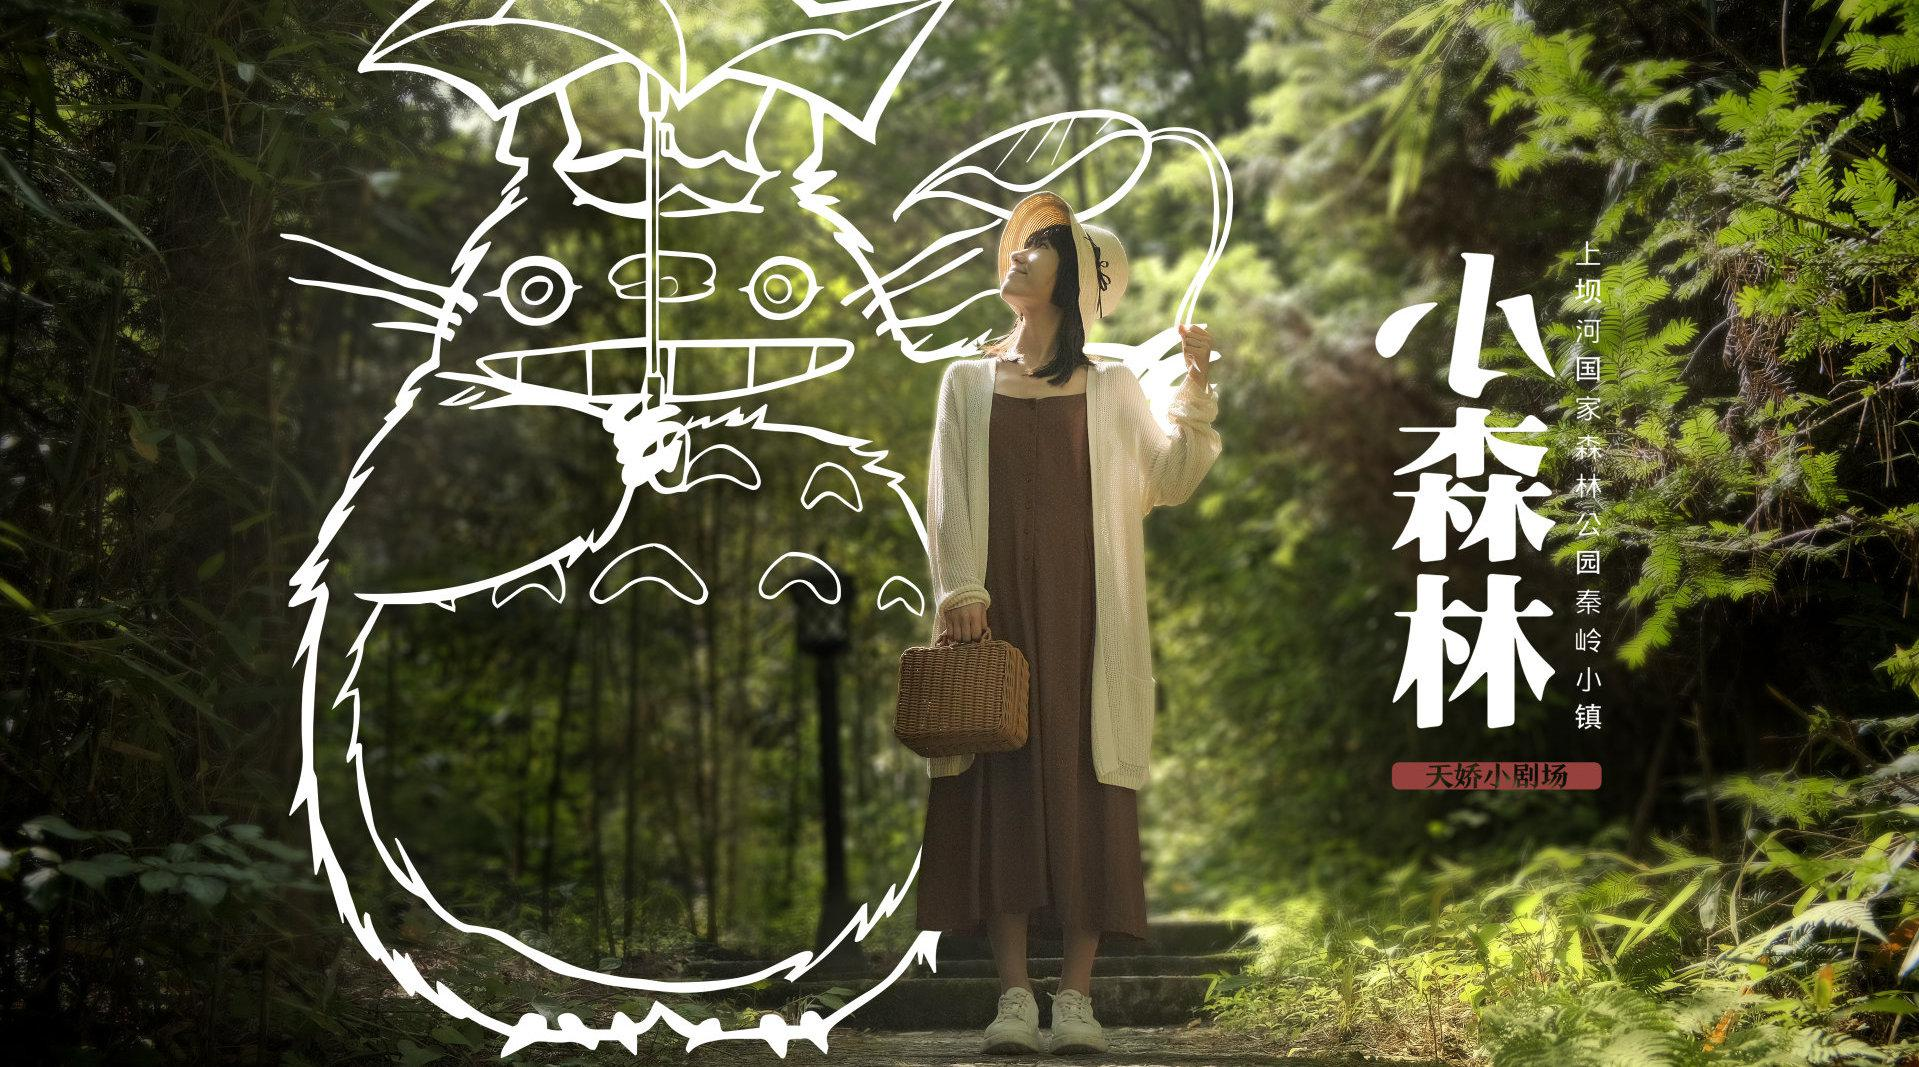 宫崎骏电影里的童话世界 我在「上坝河国家森林公园秦岭小镇」找